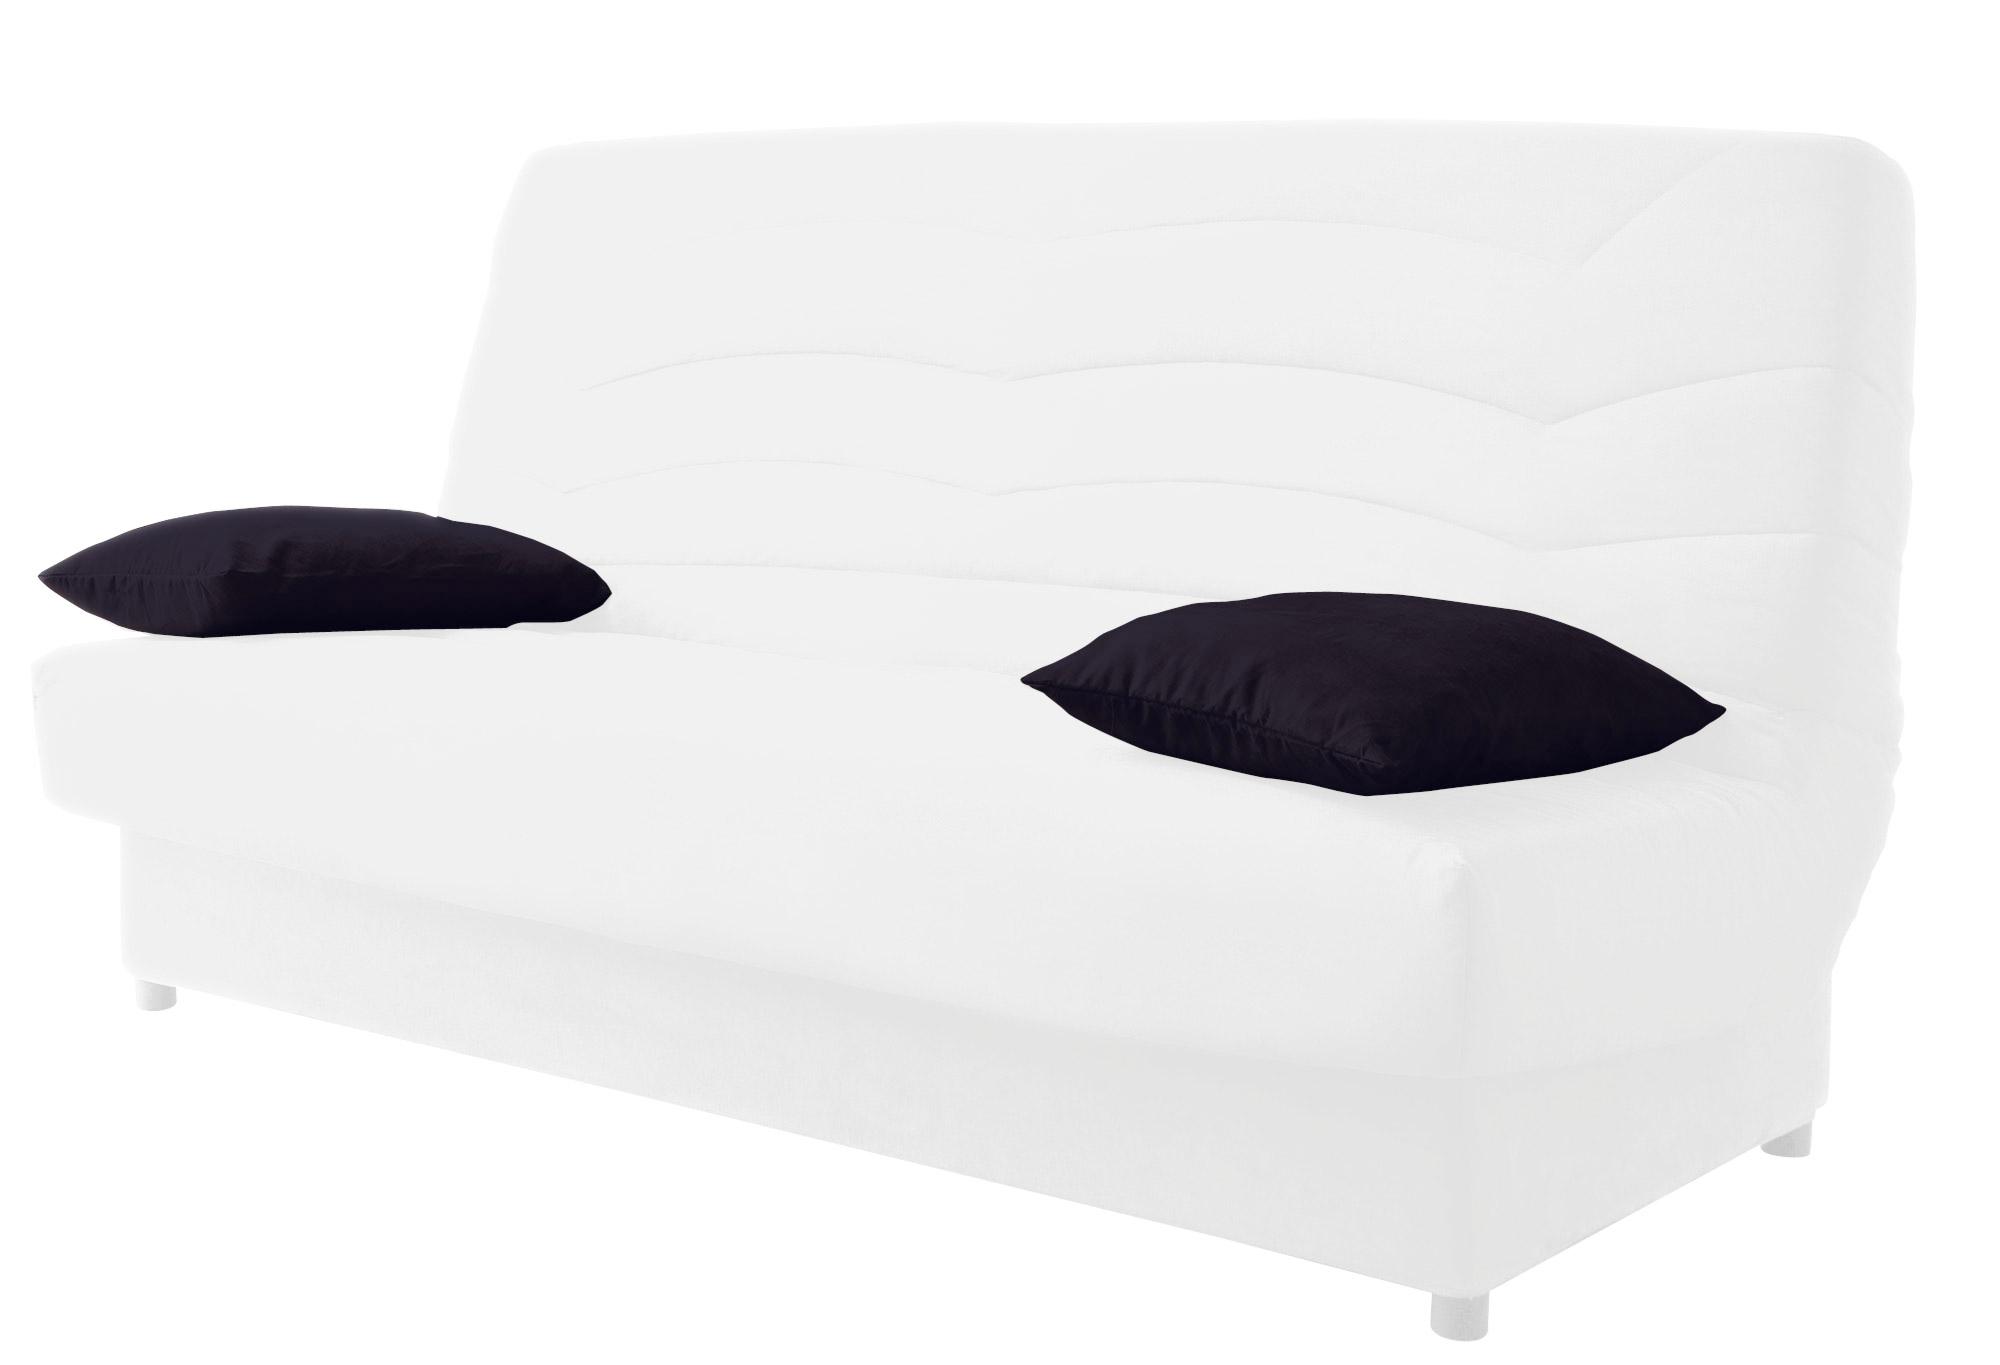 lot de 2 housses de coussin accoudoir pour clic clac 60 x 40 cm noir acheter ce produit au. Black Bedroom Furniture Sets. Home Design Ideas